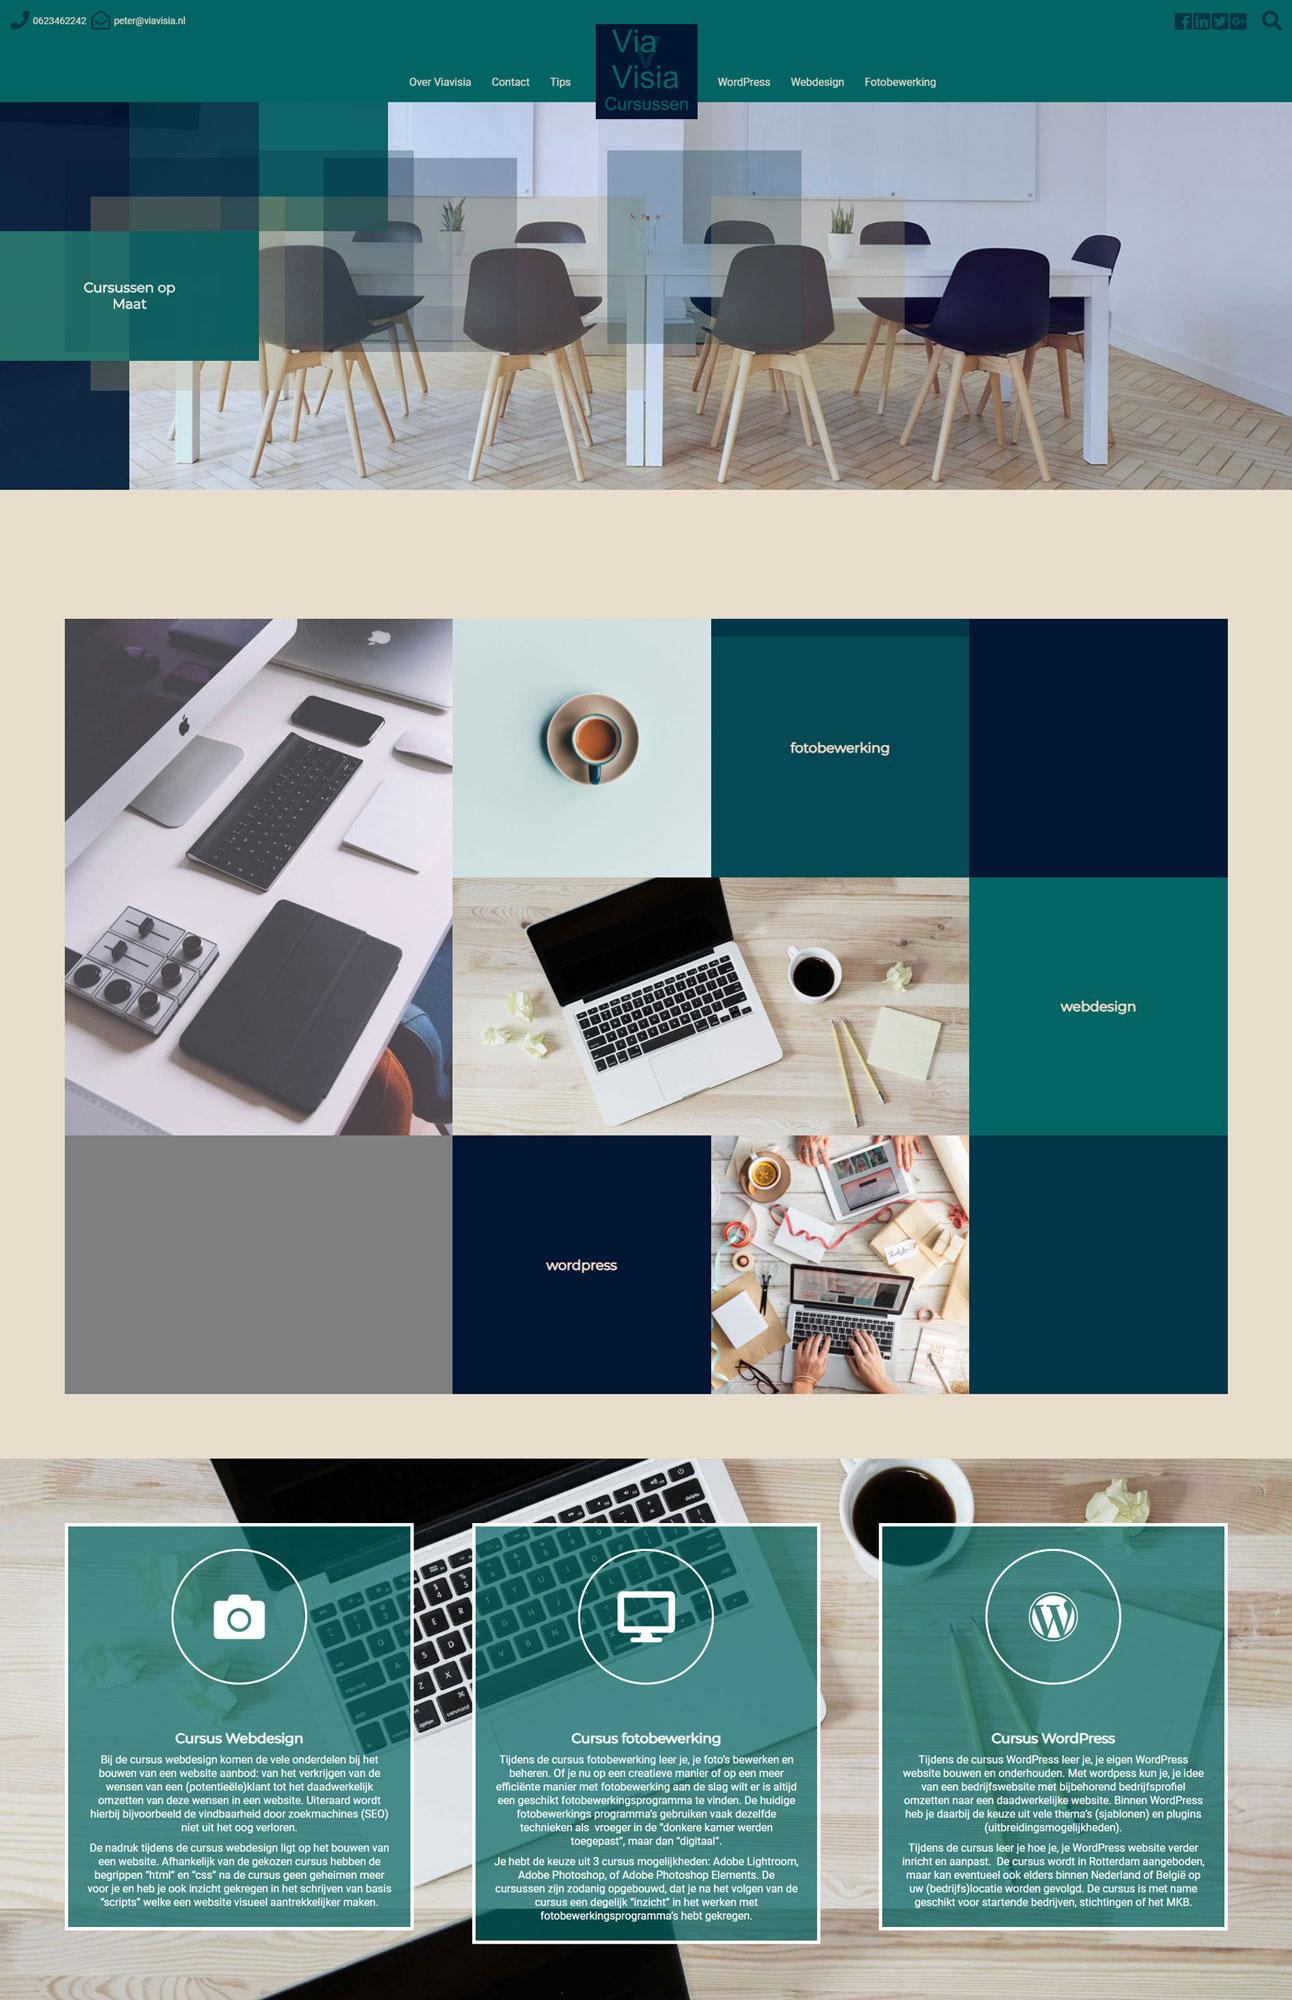 Home---Viavisia-cursussen-Wordpress--webdesign--fotobewerking-Rotterdam-e-o--portfolio-a